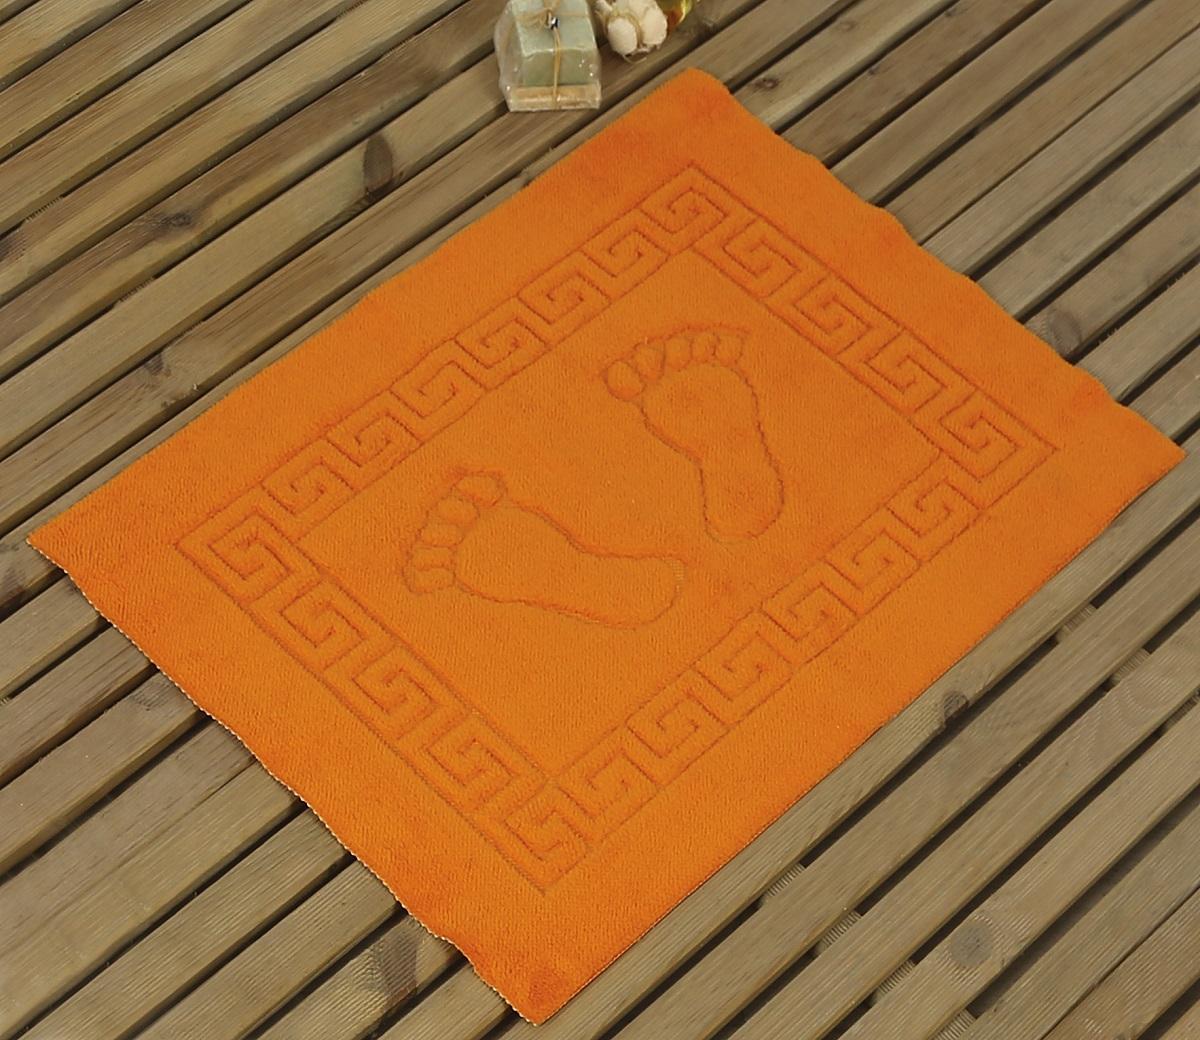 Коврик для ванной Karna Likya , цвет: оранжевый, 50 х 70 см19201Коврик печатный Karna сделан из 100% полиэстера. Полиэстер является синтетическим волокном. Ткань, полностью изготовленная из полиэстера, даже после увлажнения, очень быстро сохнет. Коврик из полиэстера практически не требователен к уходу и обладает высокой устойчивостью к износу.Коврик из полиэстера не мнётся и легко стирается, после стирки очень быстро высыхает. Материал очень прочный, за время использования не растягивается и не садится. А так же обладает высокой влагонепроницаемостью.Размер: 50 х 70 см.